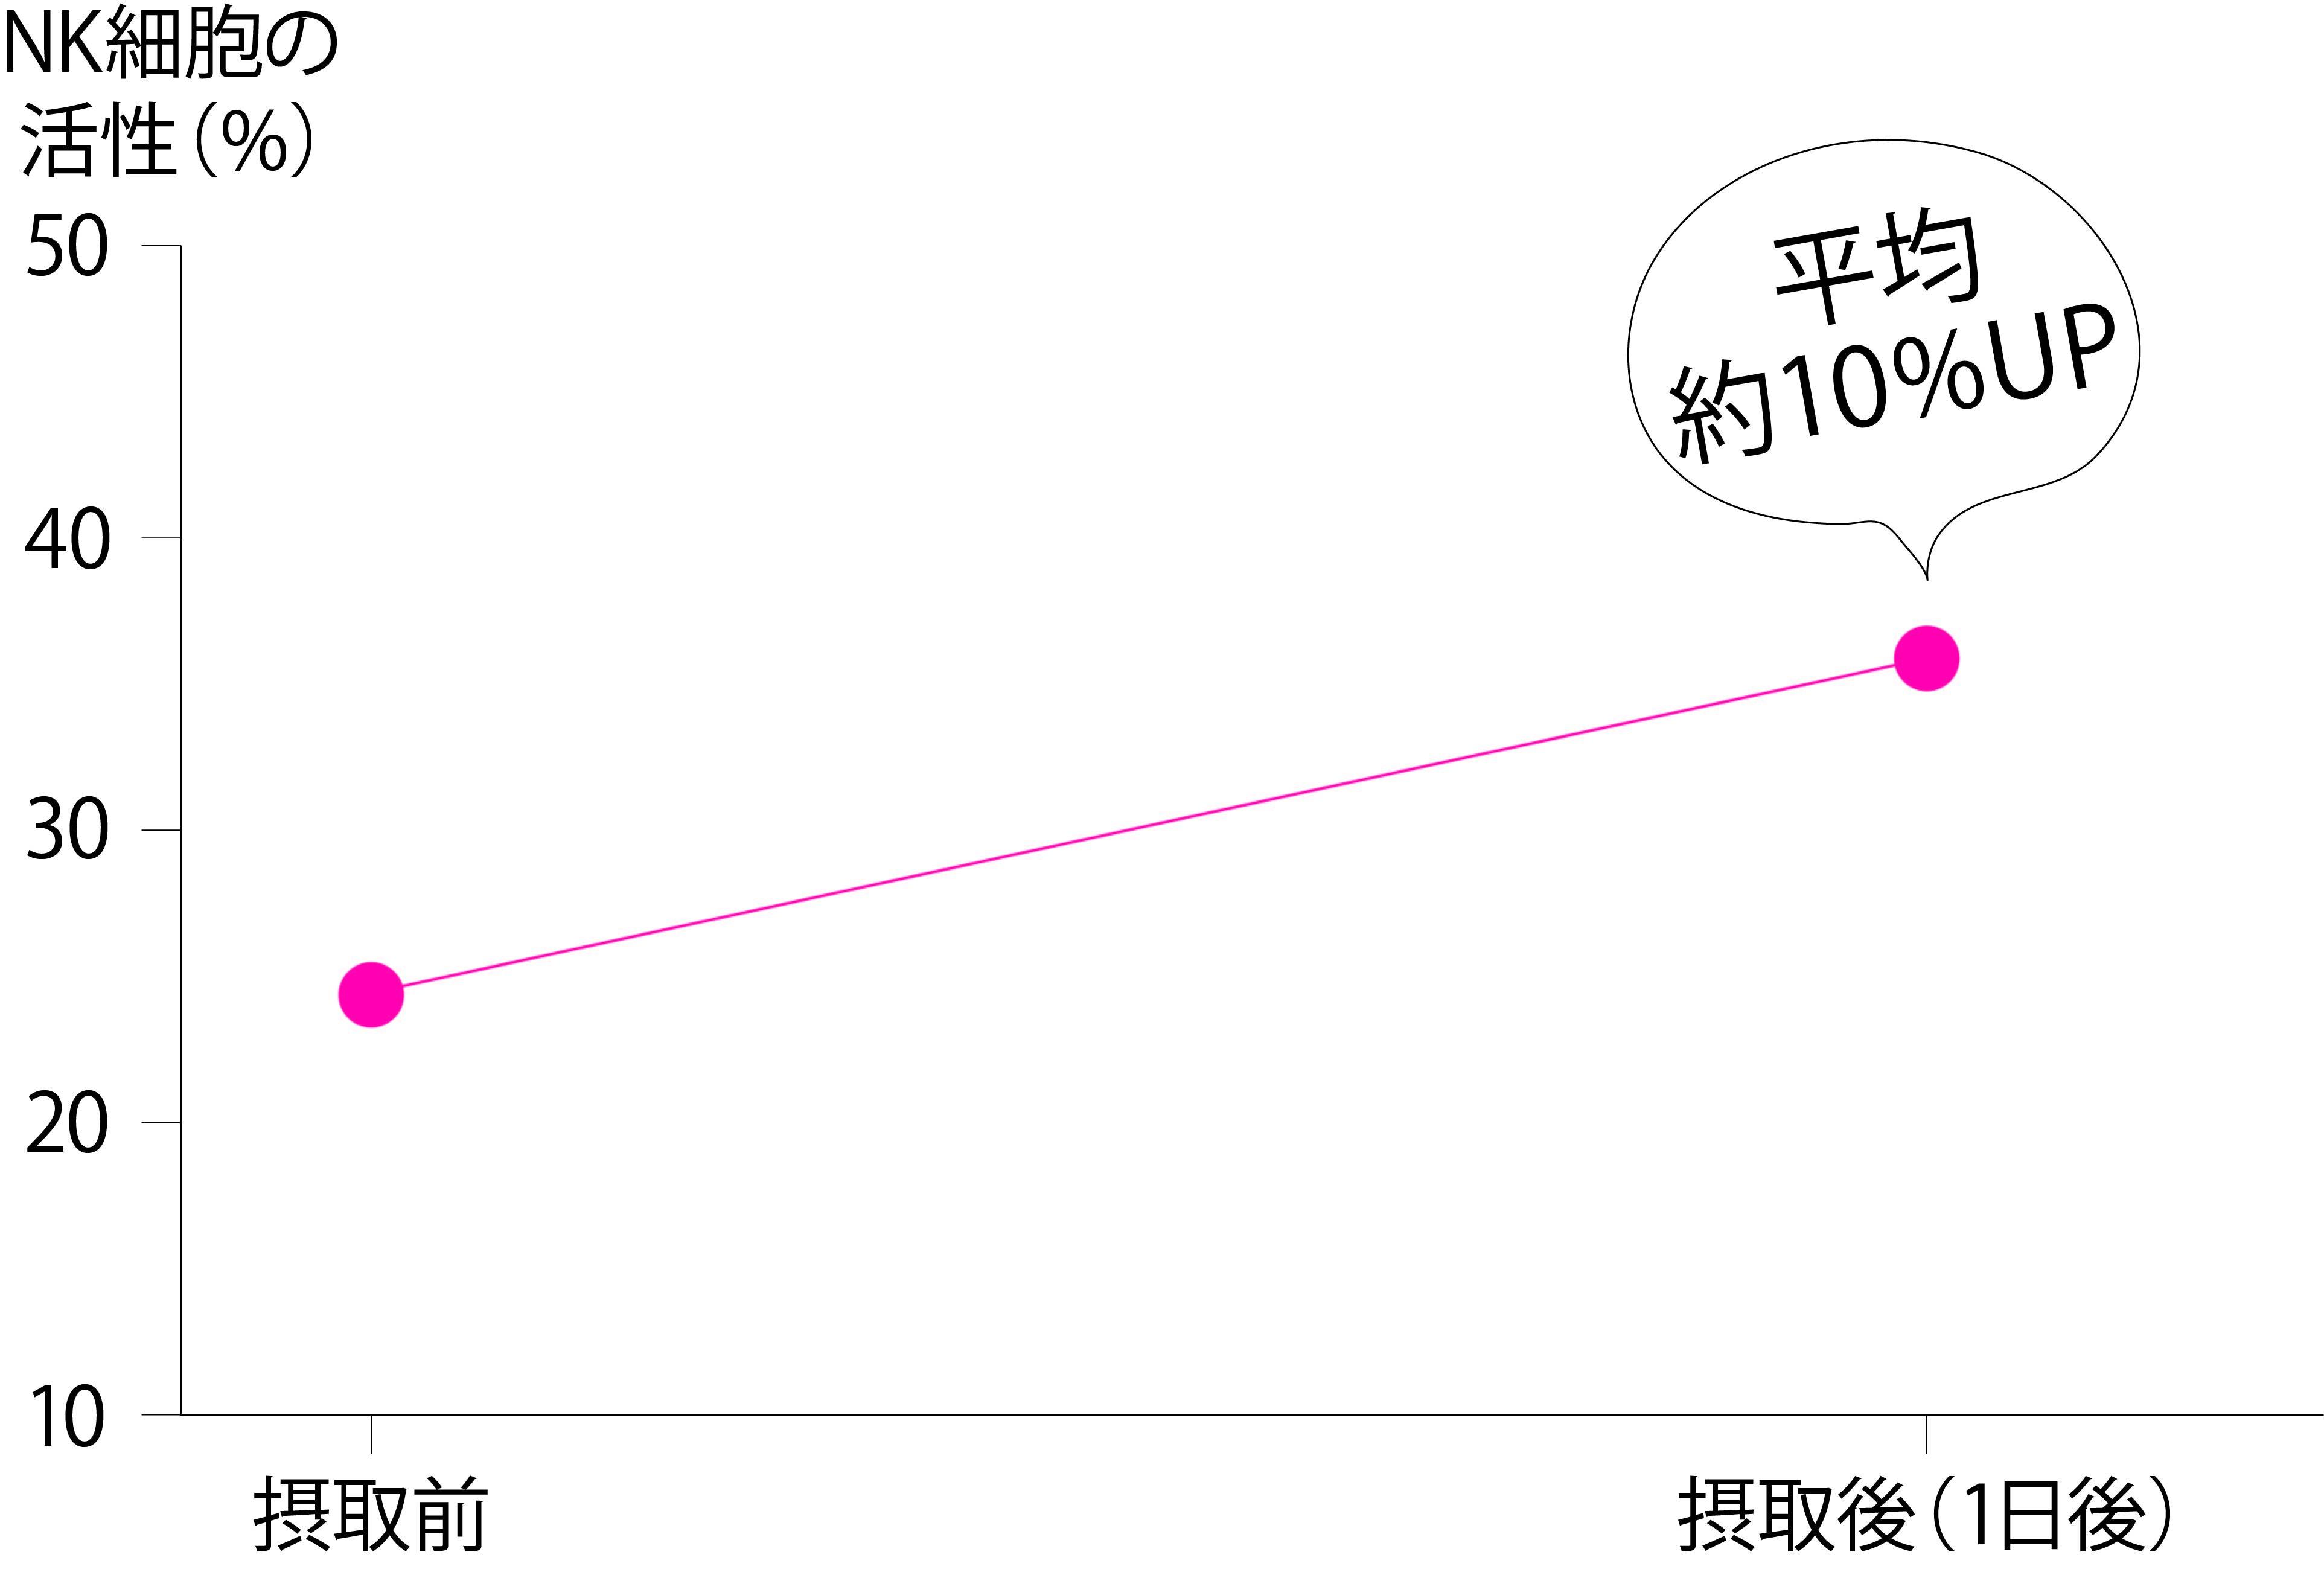 乳酸菌の摂取でNK細胞の活性度が上がるグラフ